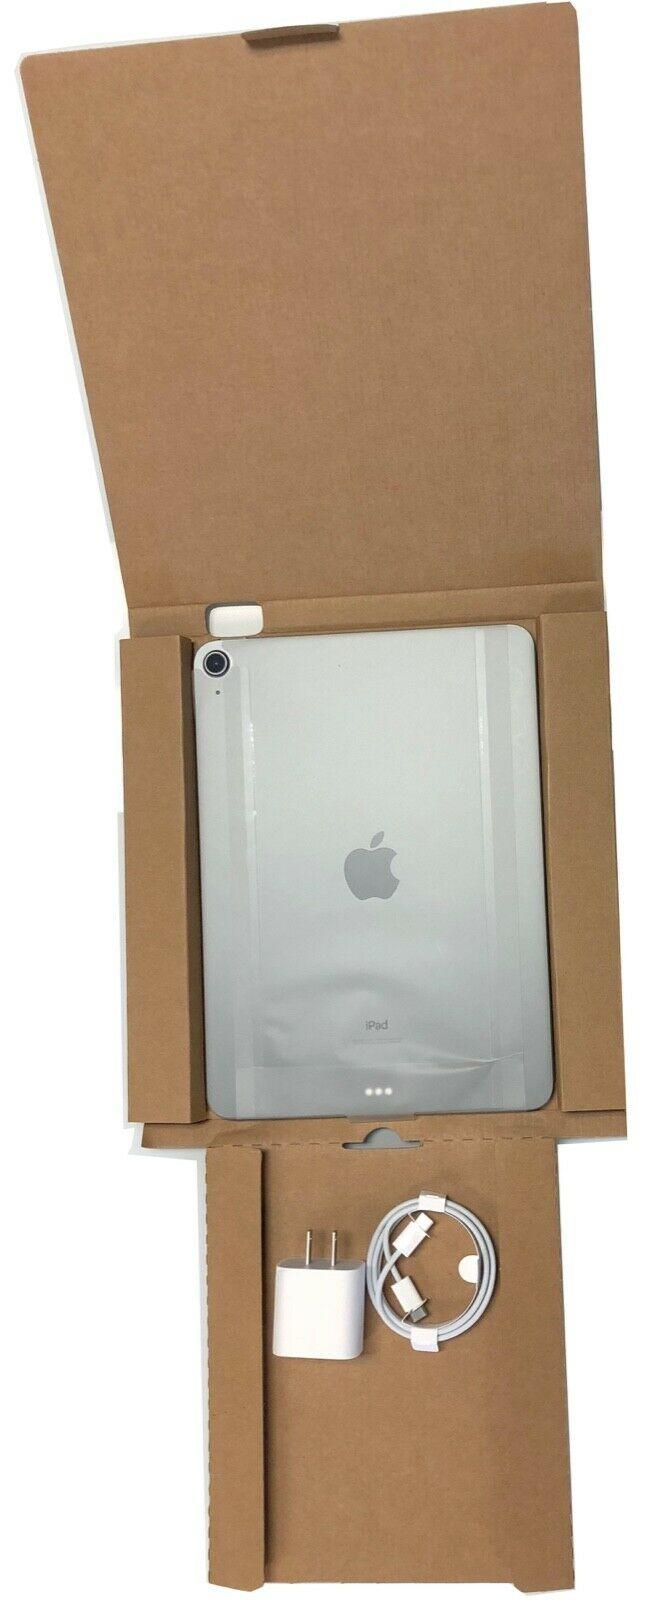 Apple iPad Air 4th Gen. 64GB, Wi-Fi, 10.9 in – MYGC2LL/A Space Gray